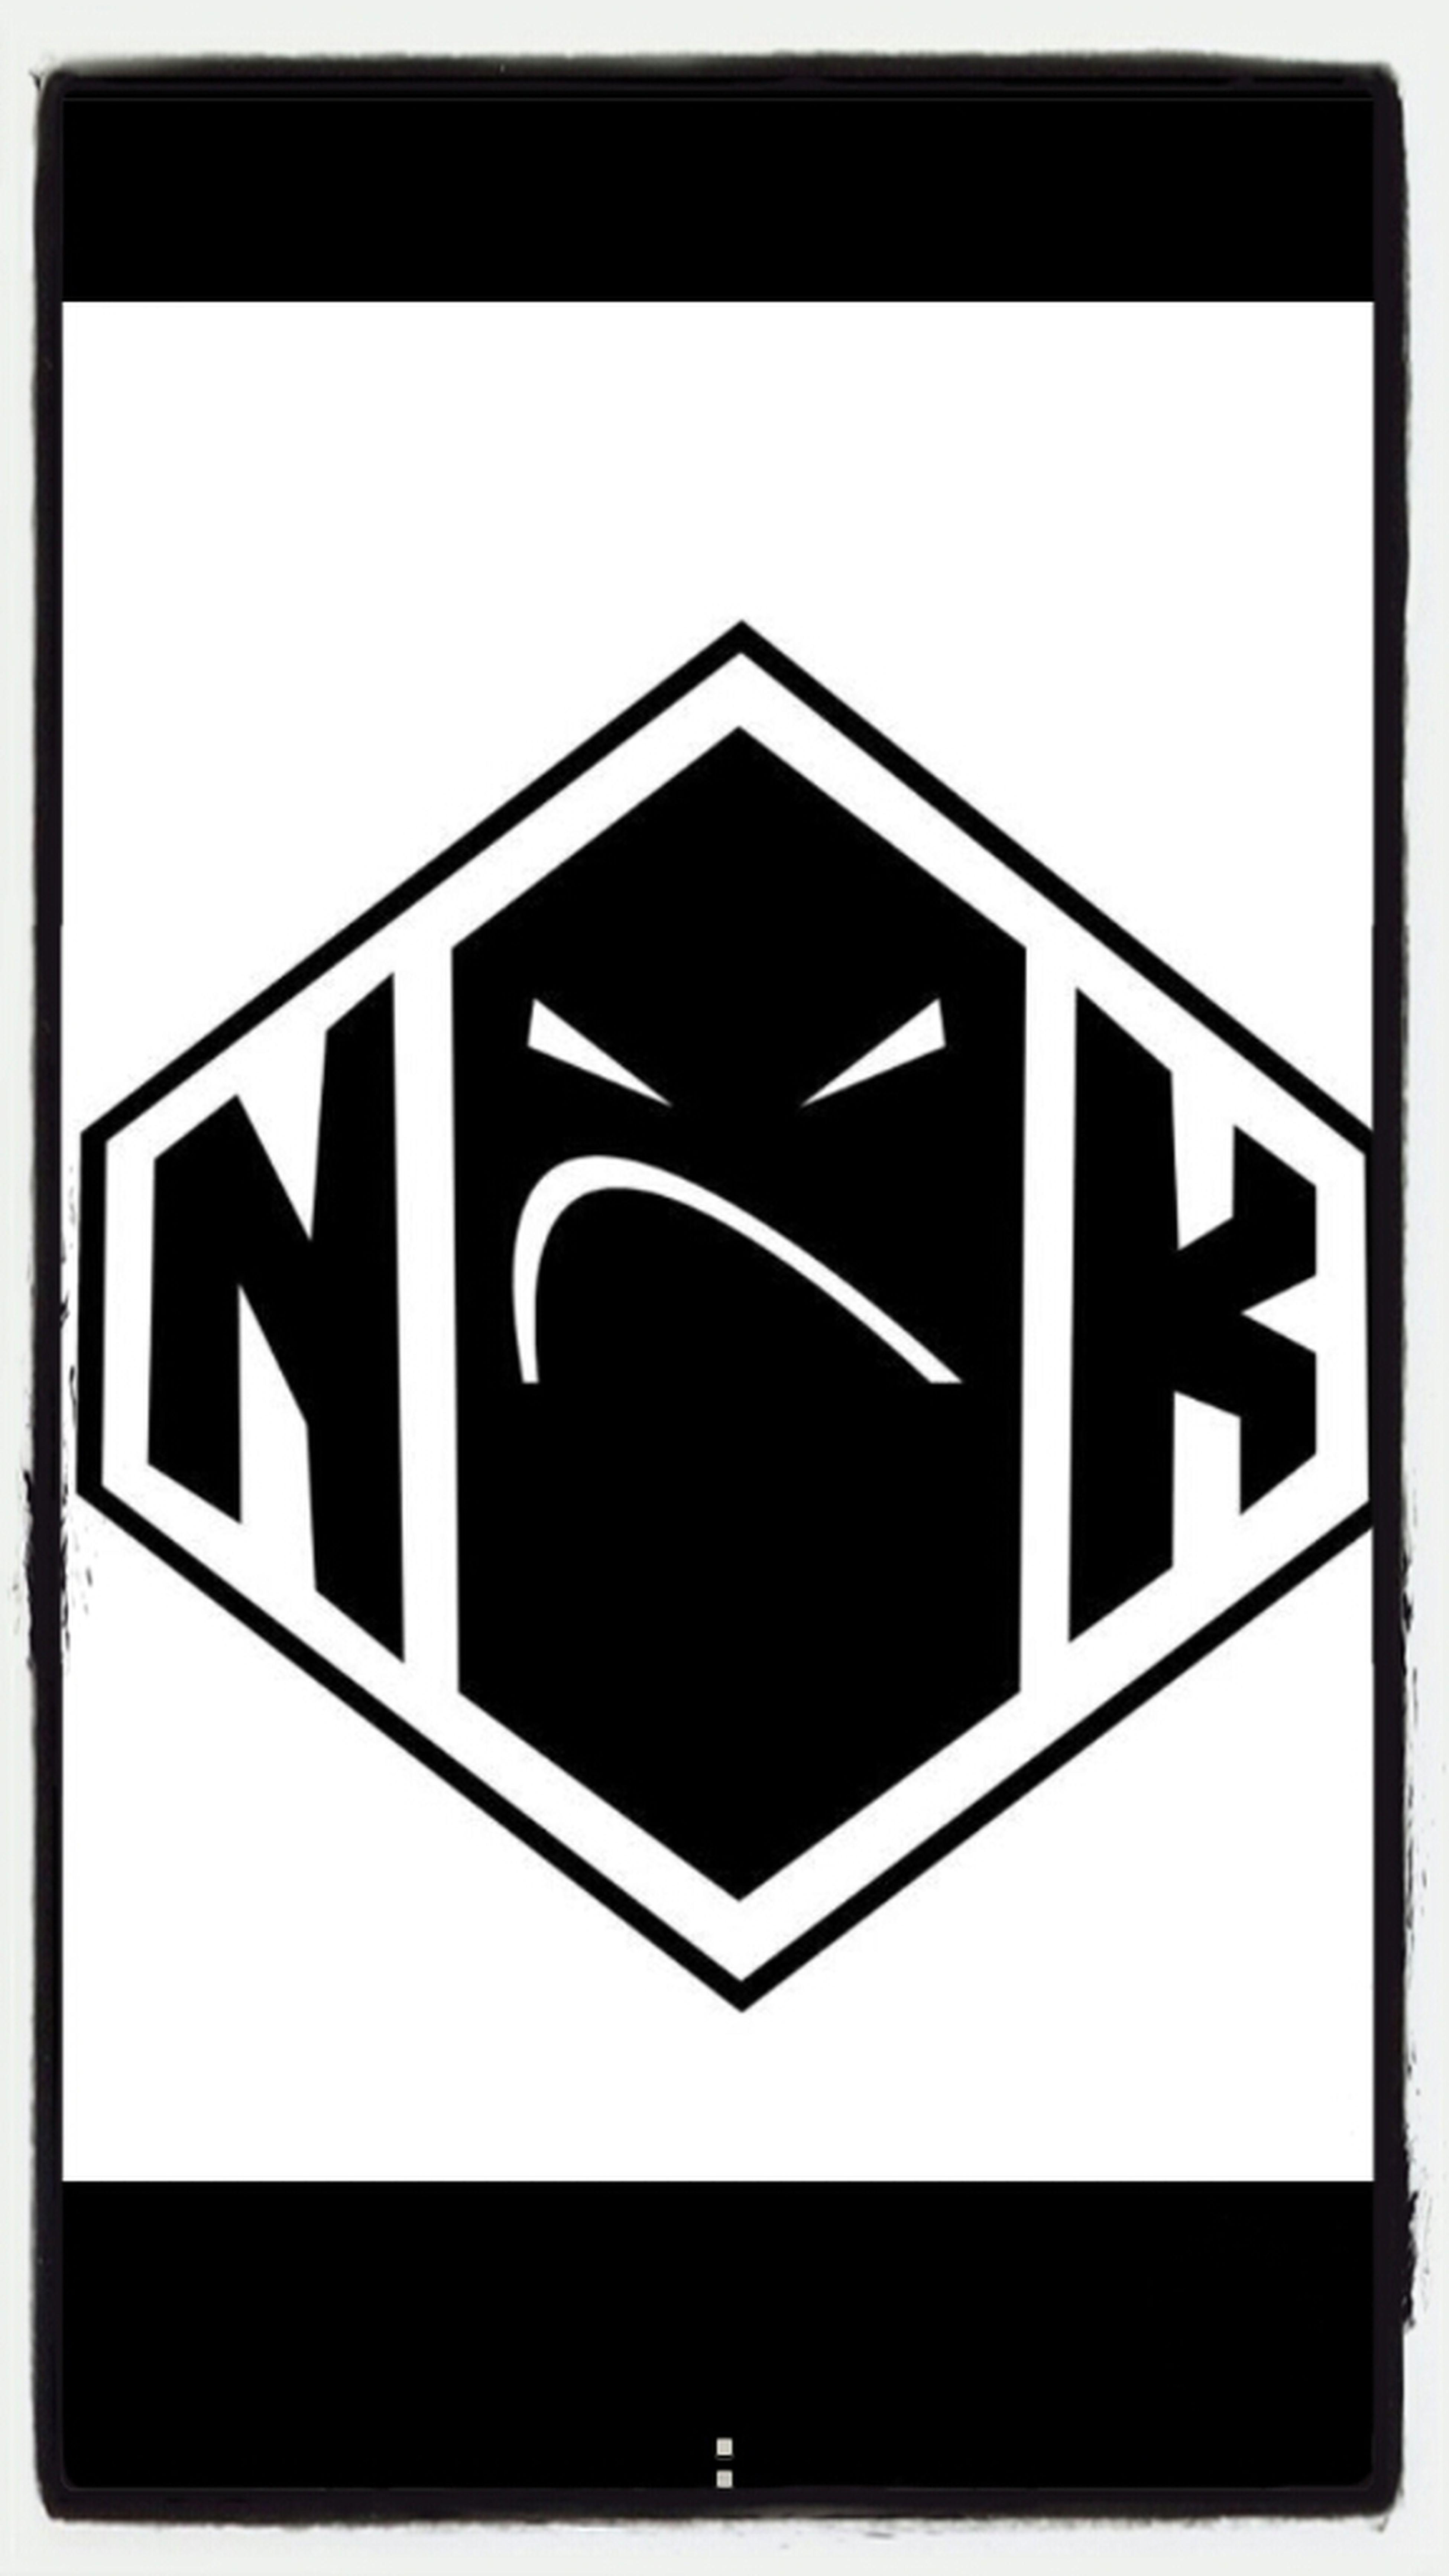 dat new logo